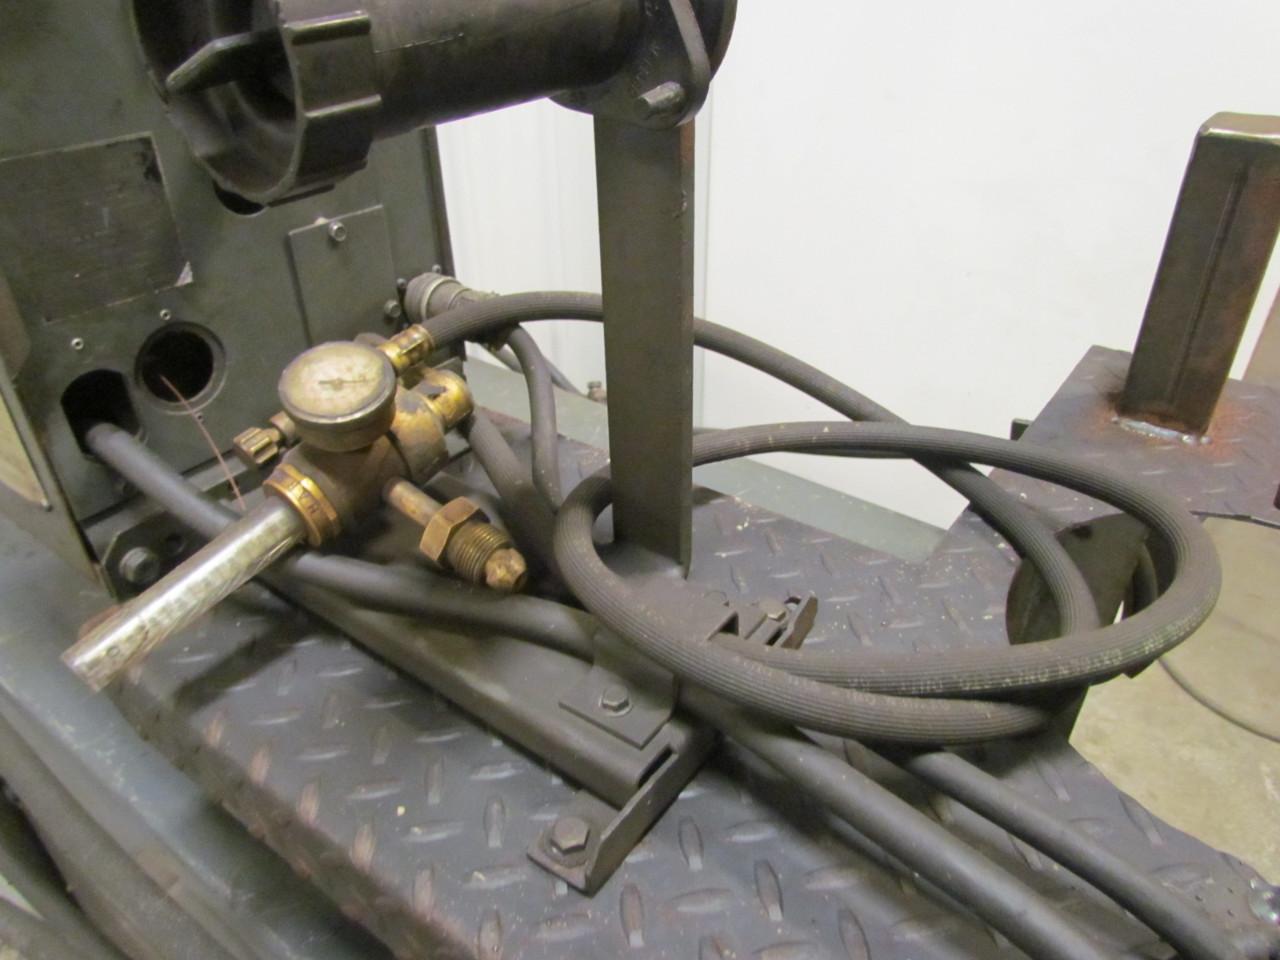 Lincoln idealarc 400 amp dc welder w wire feeder gun cart for Lincoln welder wire feed motor